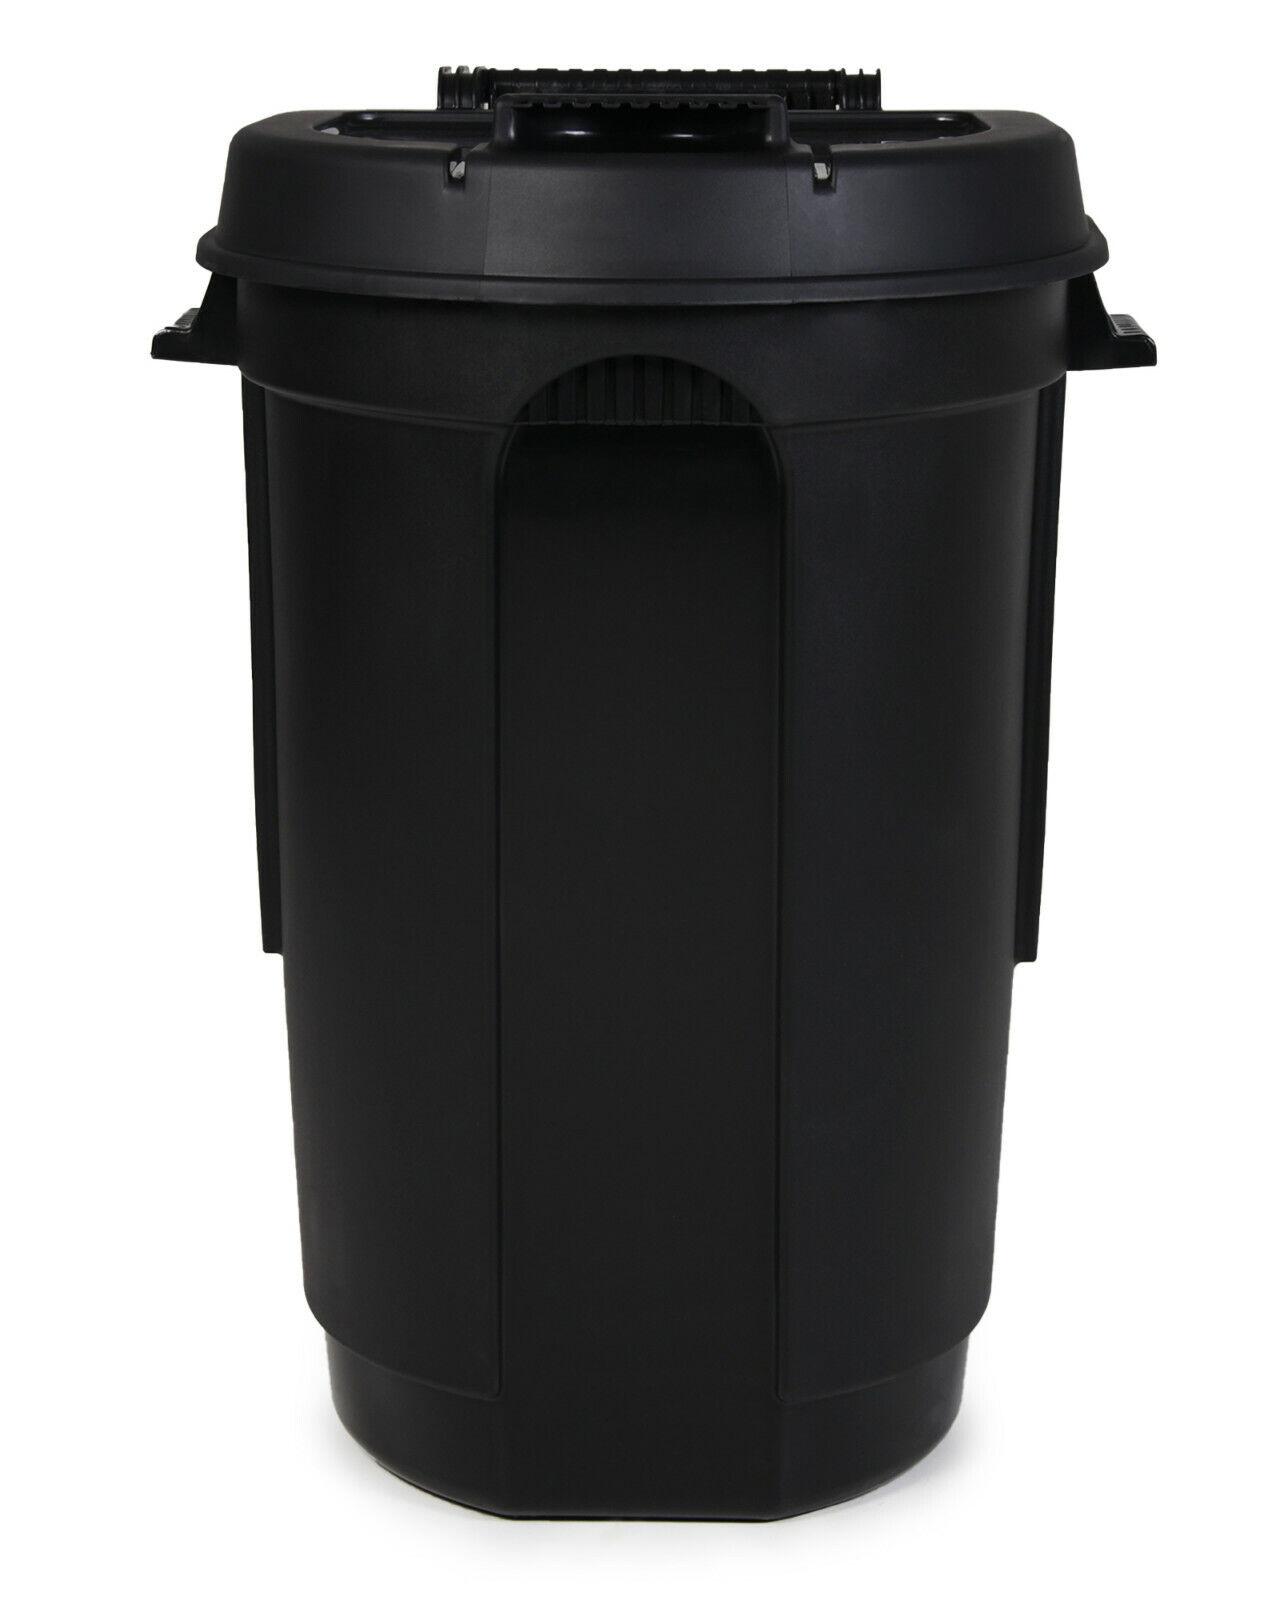 Gartentonne mit Rädern Mülltonne 110 L Abfalltonne mit Deckel Mülleimer Outdoor